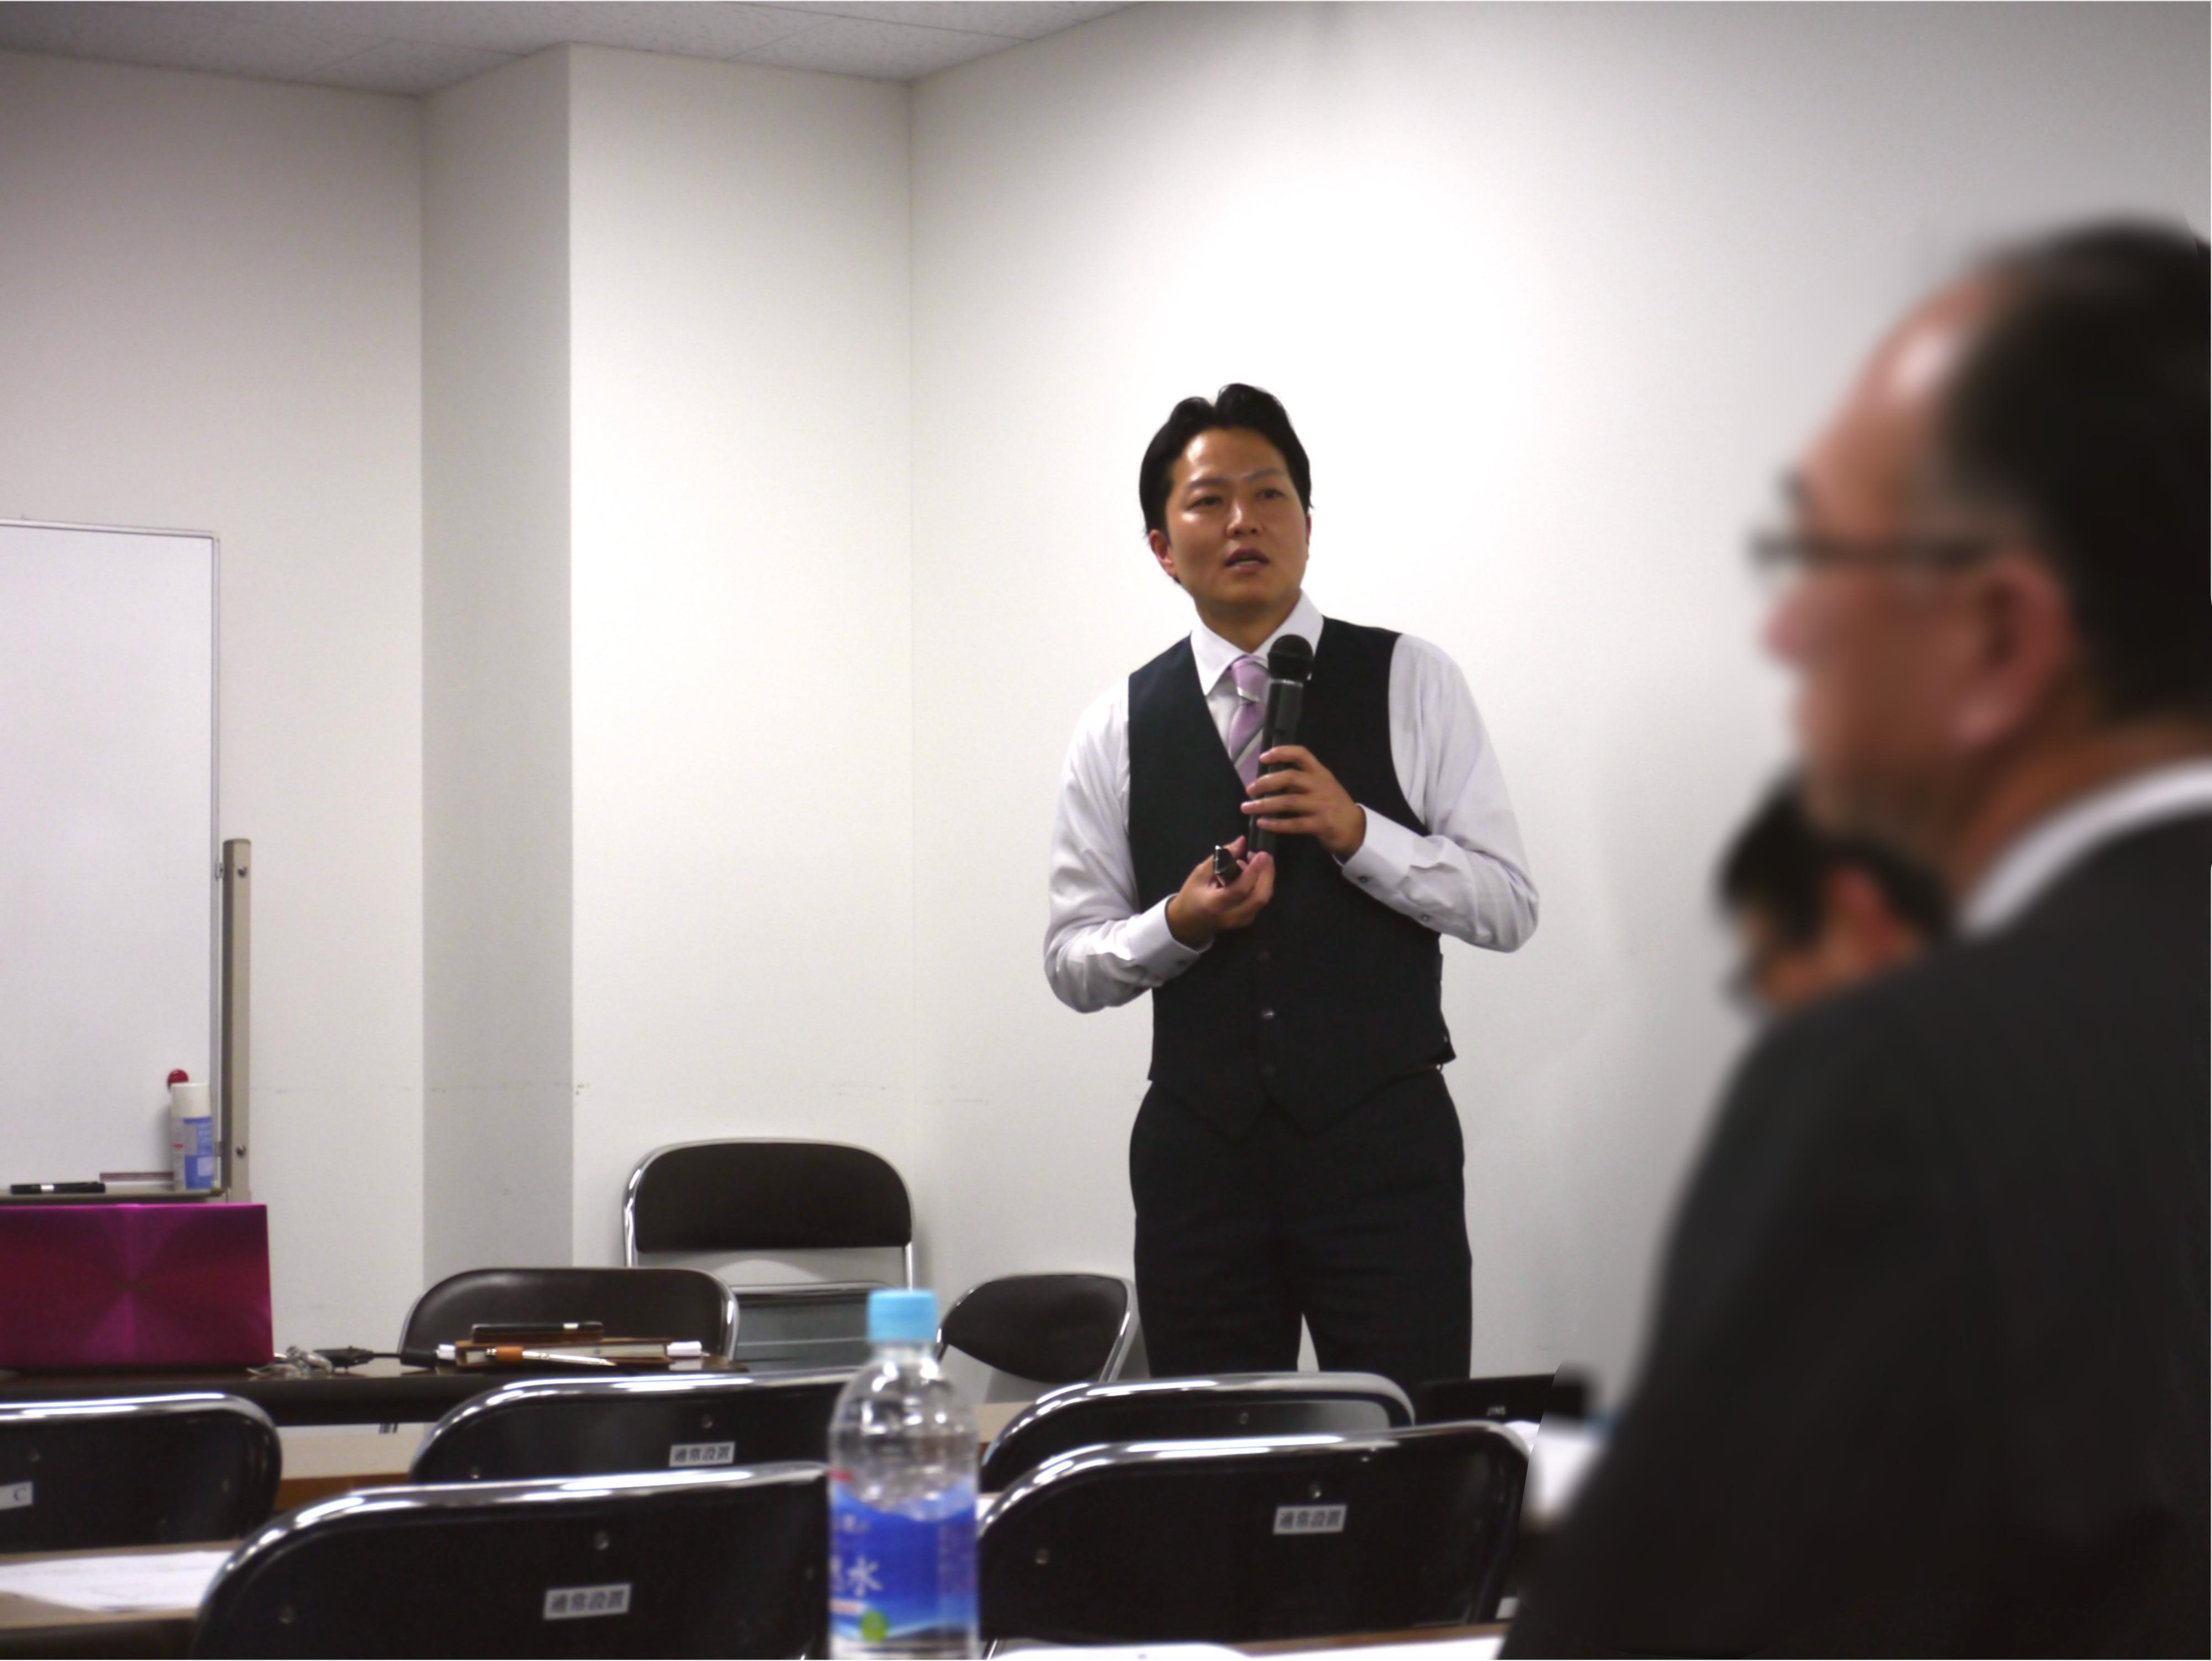 非公開イベントですが、起業予備軍に向けた会社設立関連のセミナーを開催します!|行政書士阿部総合事務所